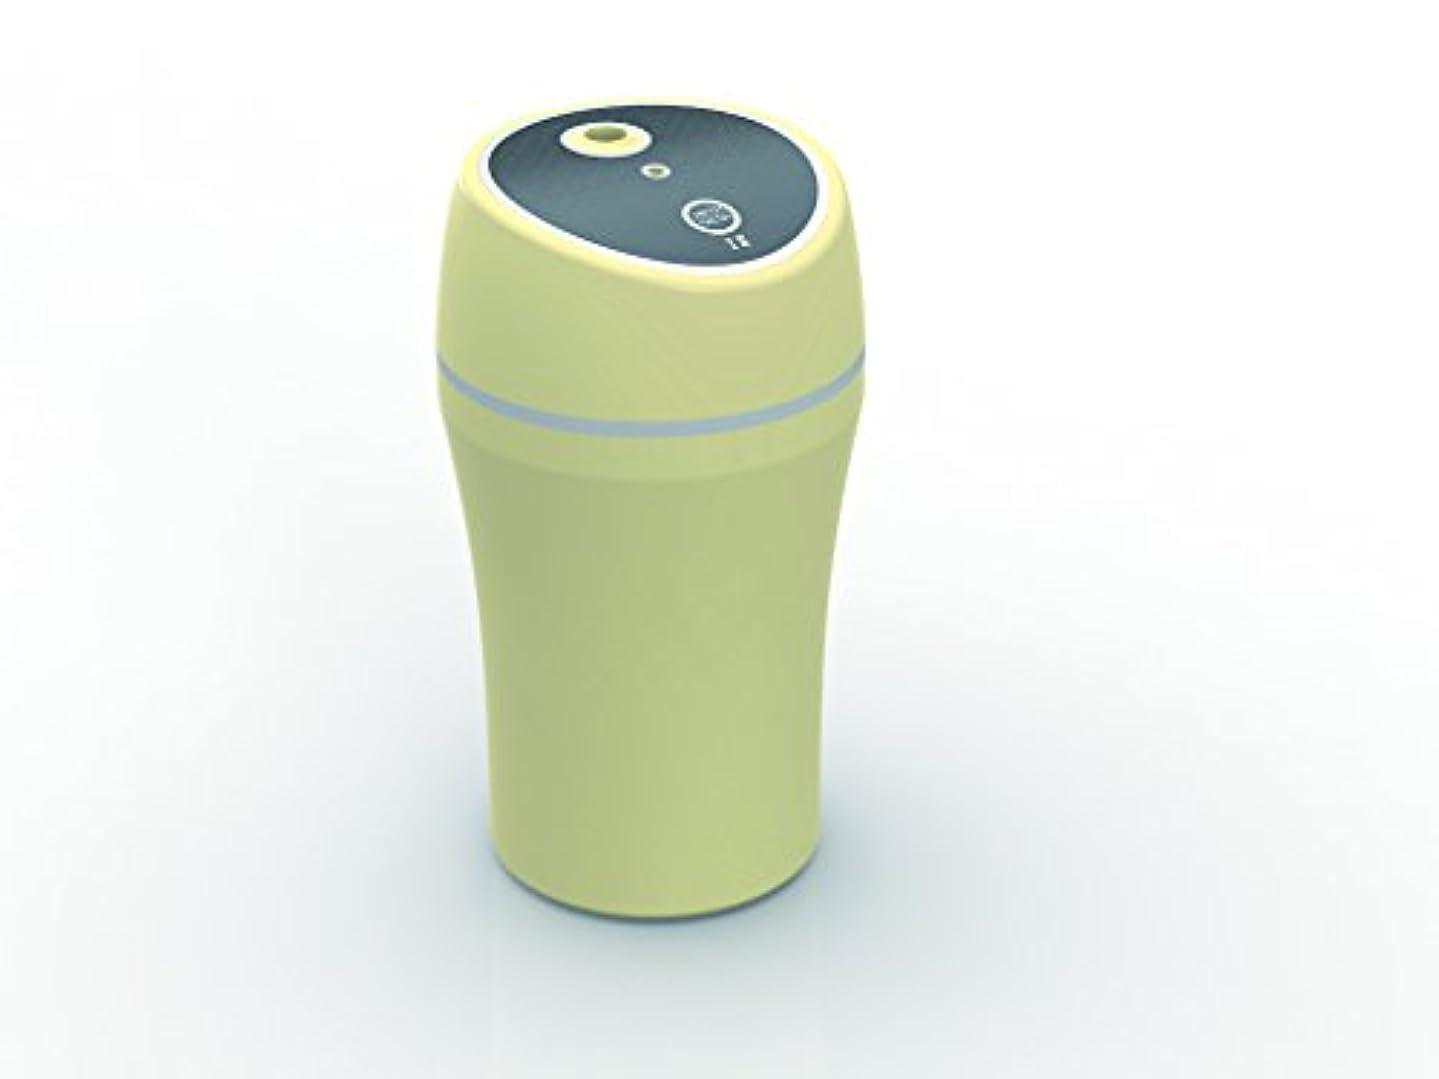 ジムパキスタン強いますKEIYO 車でもオフィスでも自宅でも!DC/USB 2WAY対応 超音波式 USBミニ加湿器 AN-S014 ROOM&CAR アロマディフューザー 車載用加湿器 ドリンクホルダー収納タイプ 超音波式加湿器 (ベージュ)